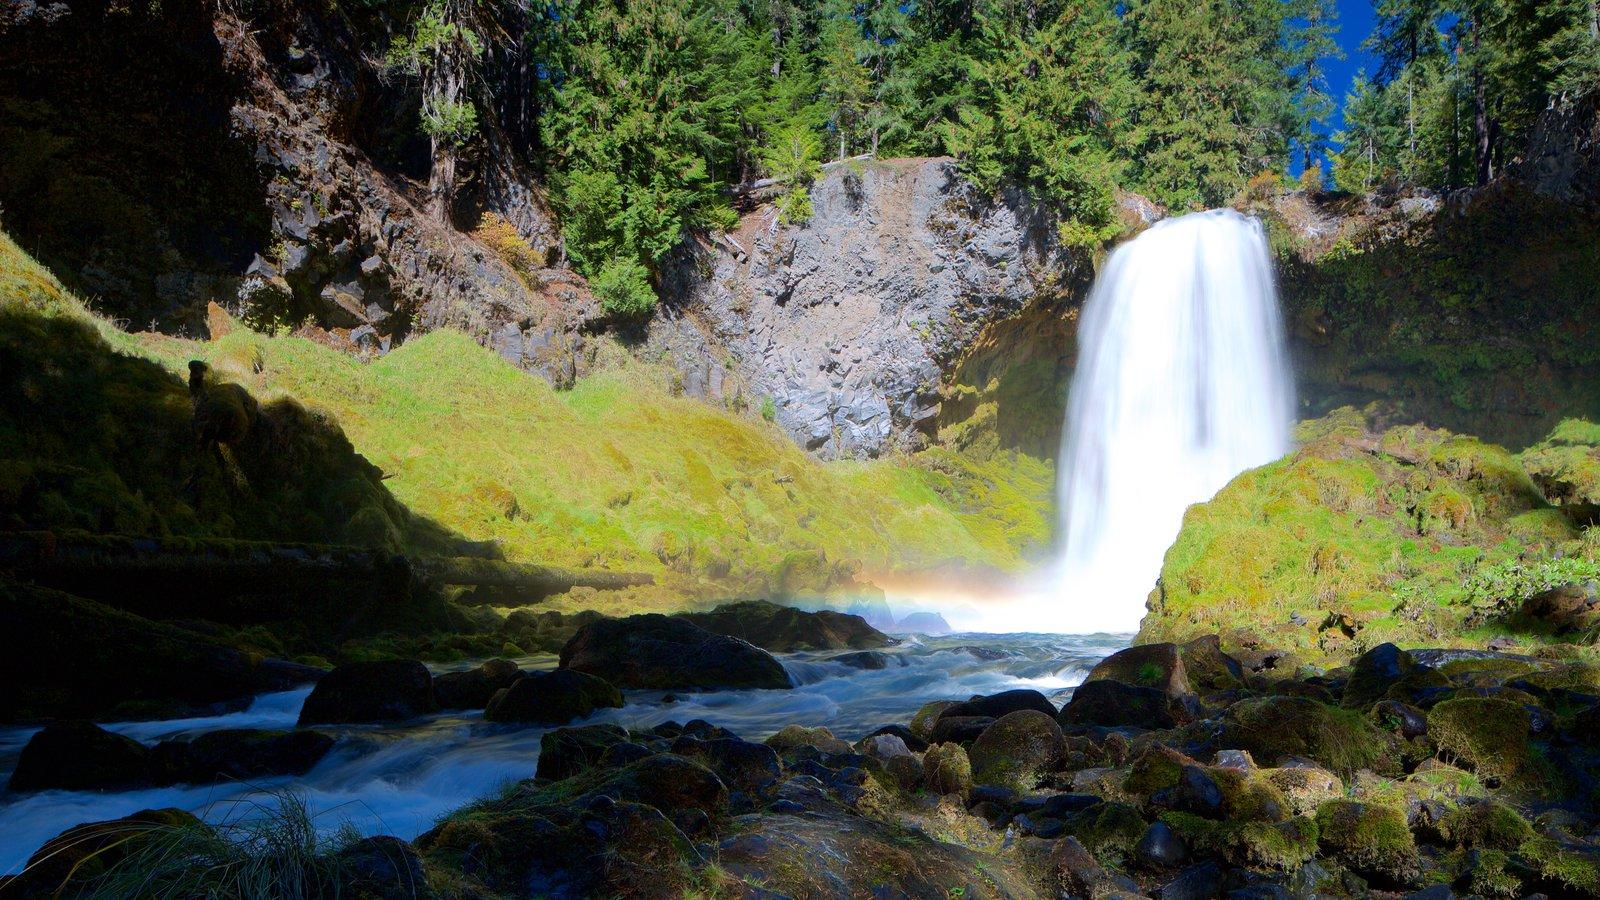 Bosque Nacional Willamette ofreciendo un río o arroyo y una catarata